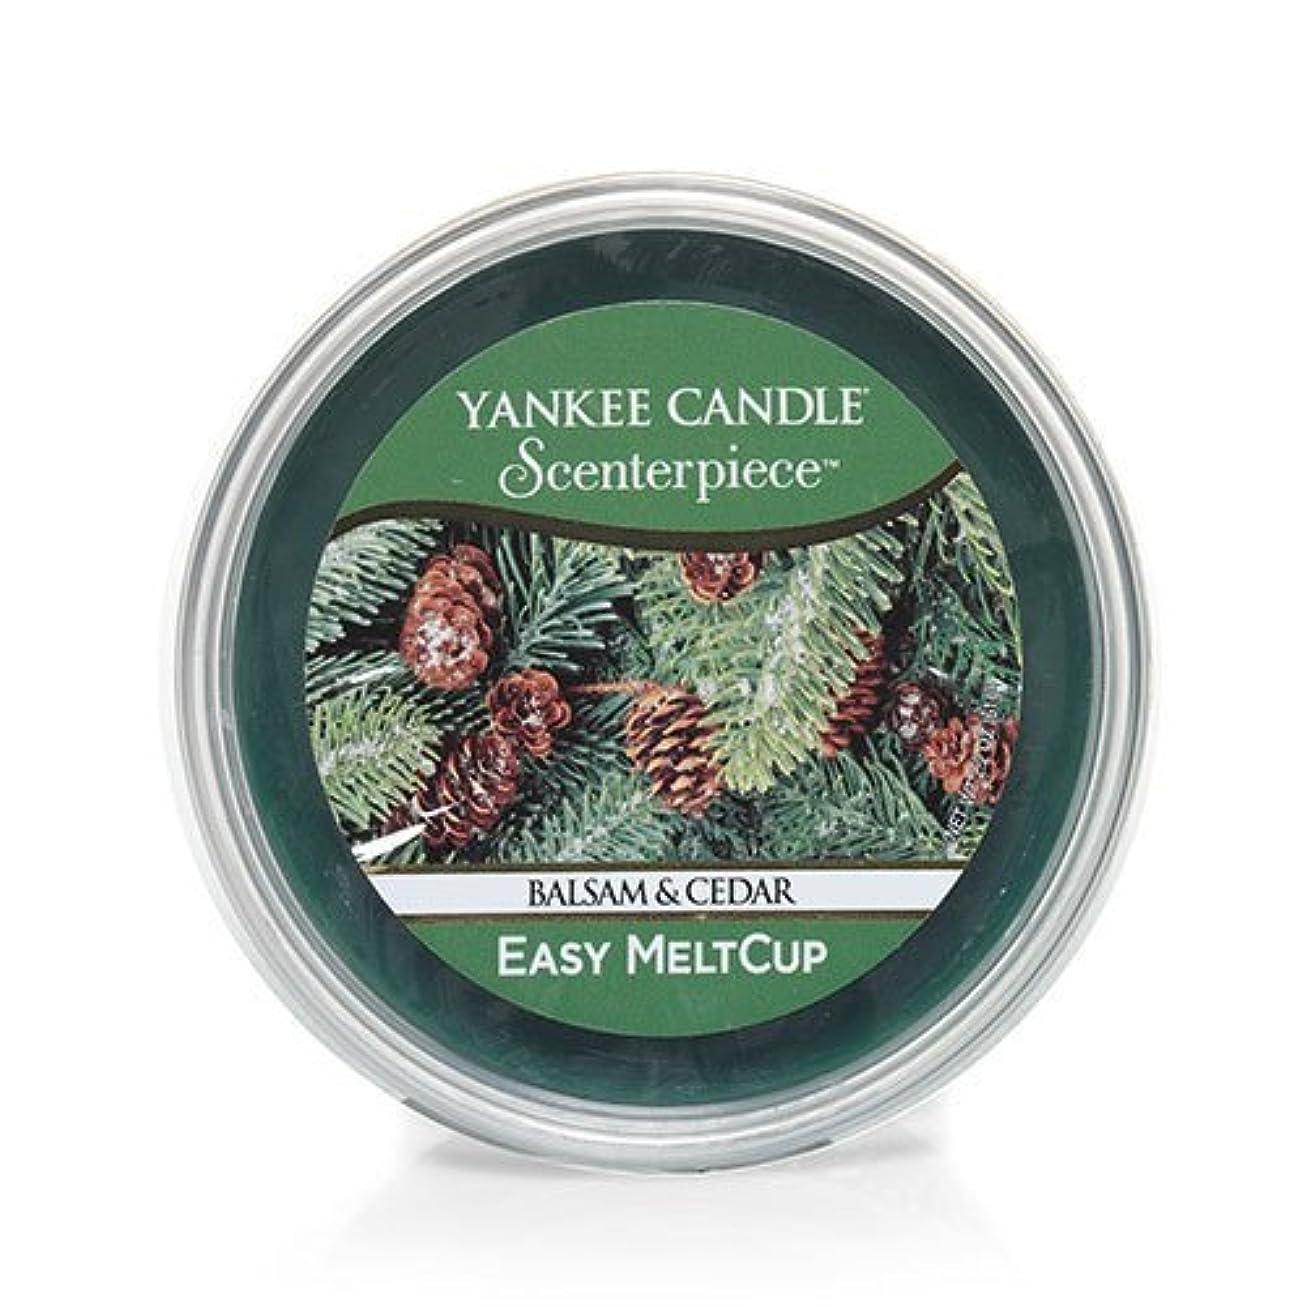 テクニカルリビジョン受賞(ヤンキーキャンドル) Yankee Candle ラージ 22オンス ジャーキャンドル バルサム&シダー Scenterpiece Easy MeltCups 1316938-YC